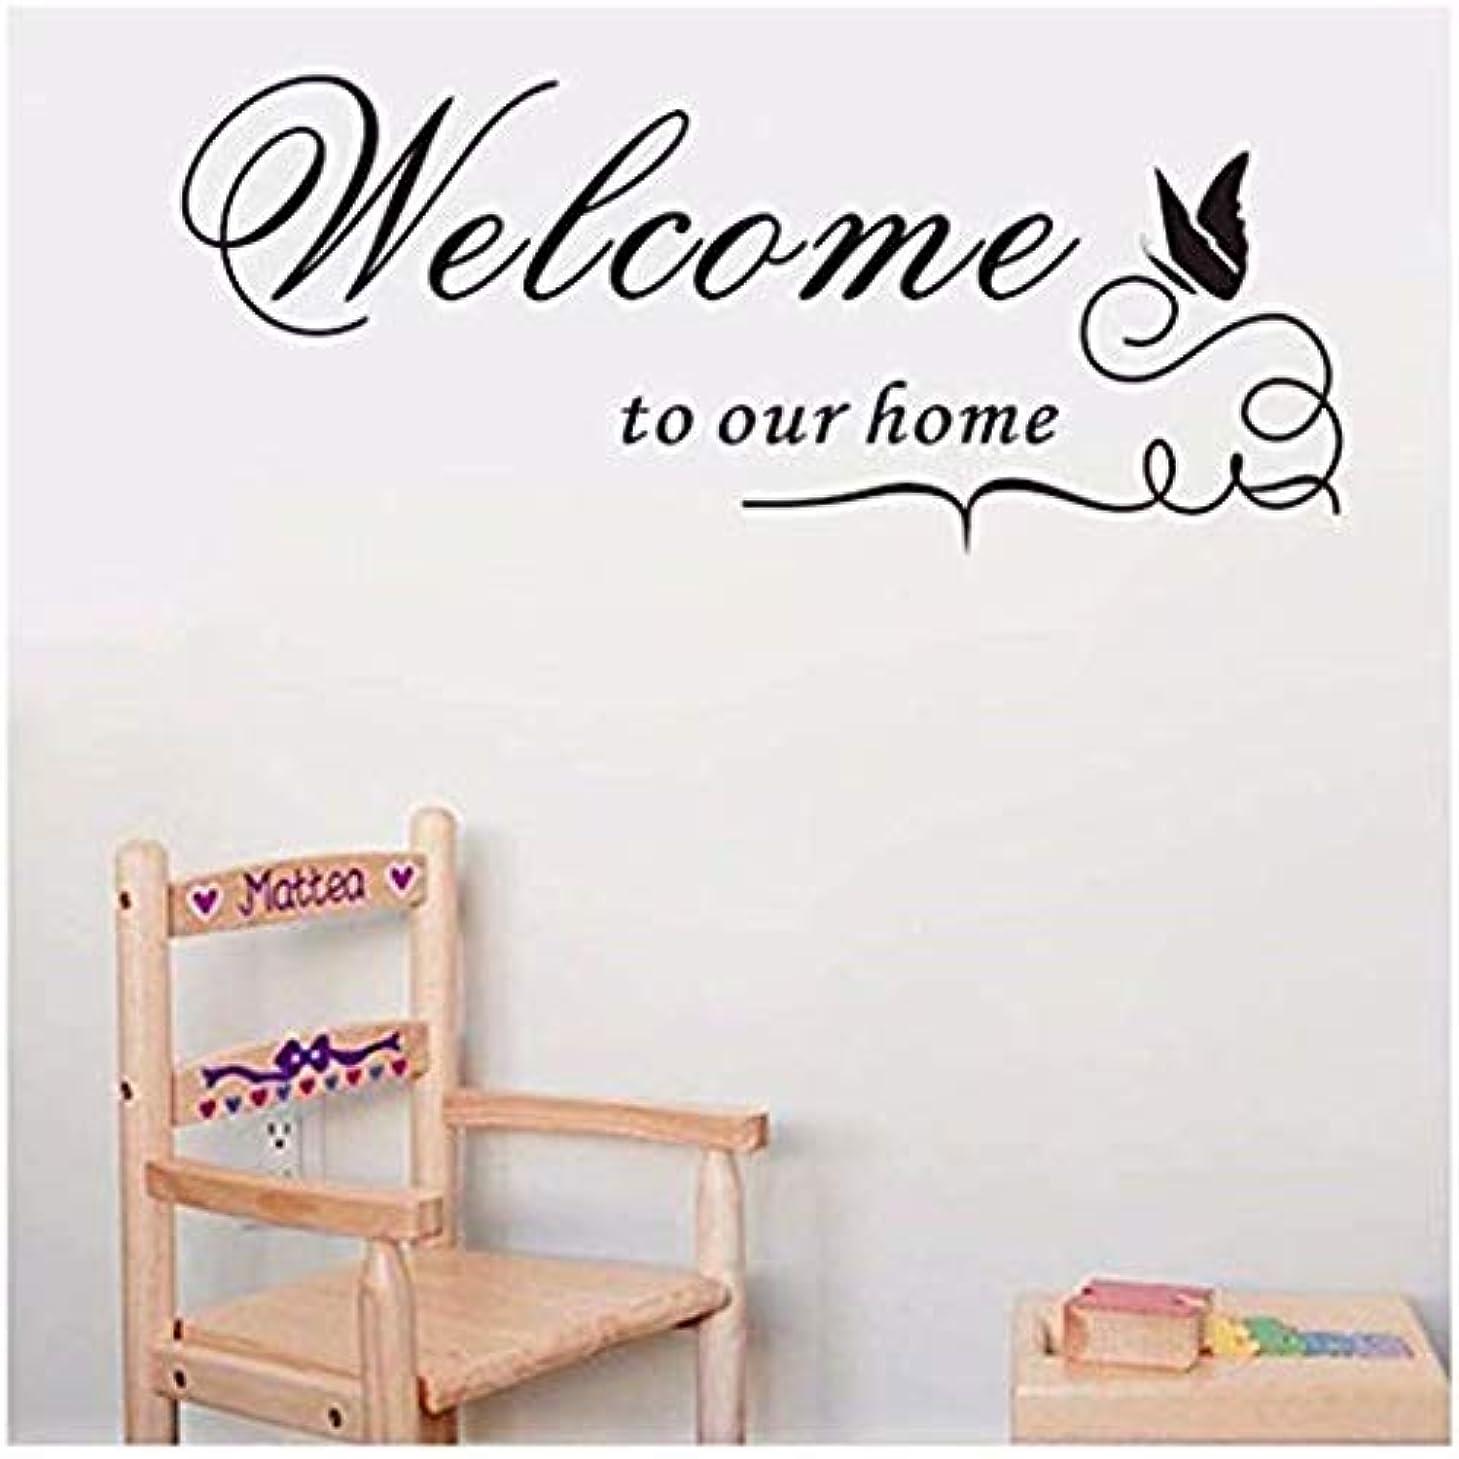 入る顕現男らしい七里の香 プレミアム ウォールステッカー 壁紙シール ウォールシールWelcome to Our Home 便利